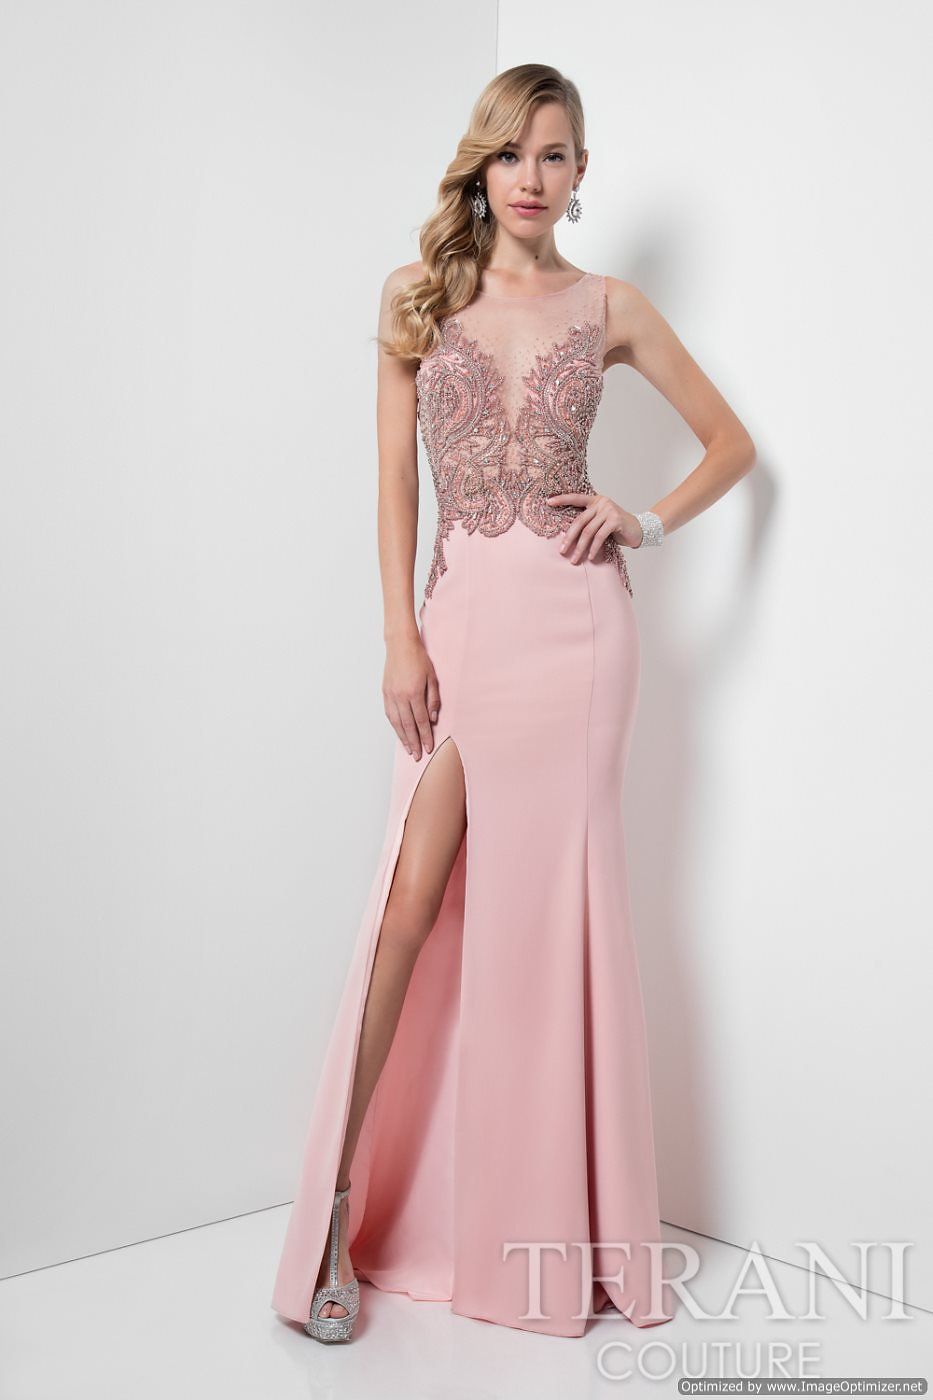 Erfreut Prom Kleider Calgary Fotos - Brautkleider Ideen - cashingy.info